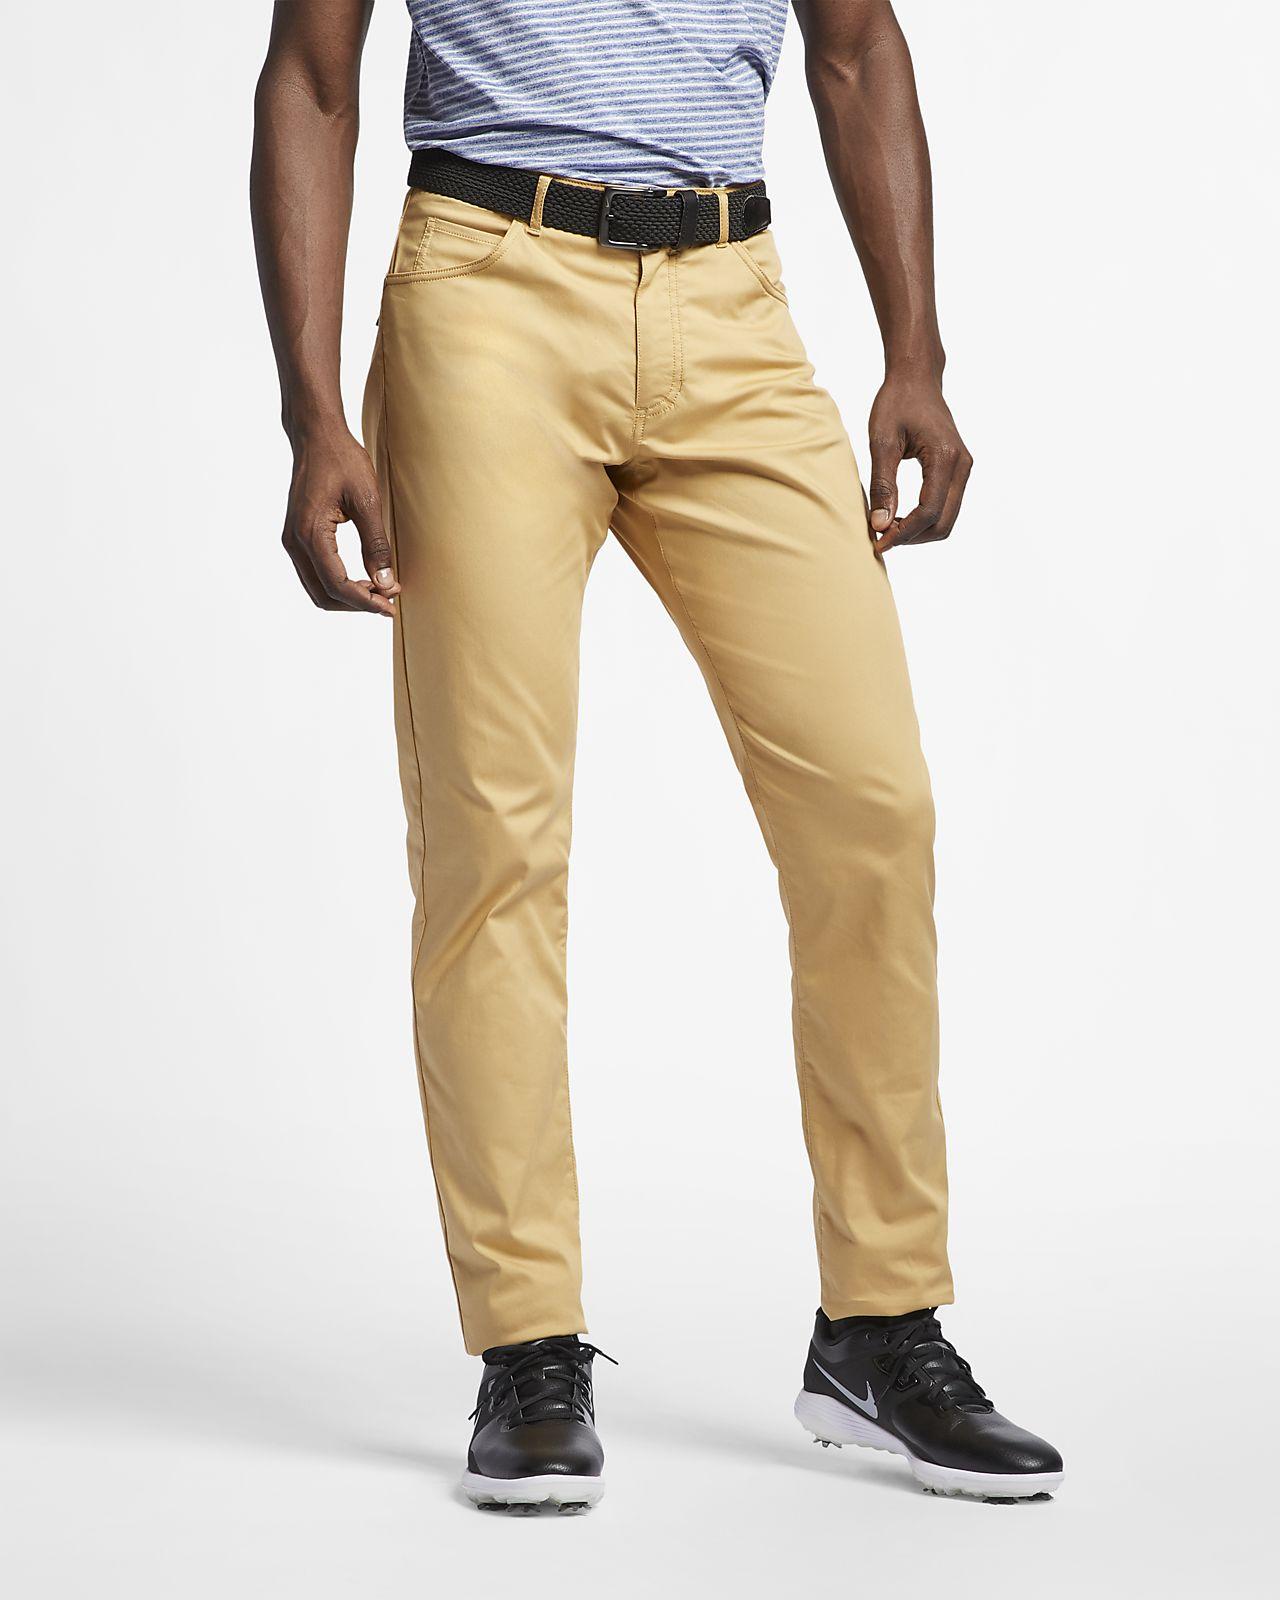 Nike Flex golfbukse med 5 lommer i smal passform til herre